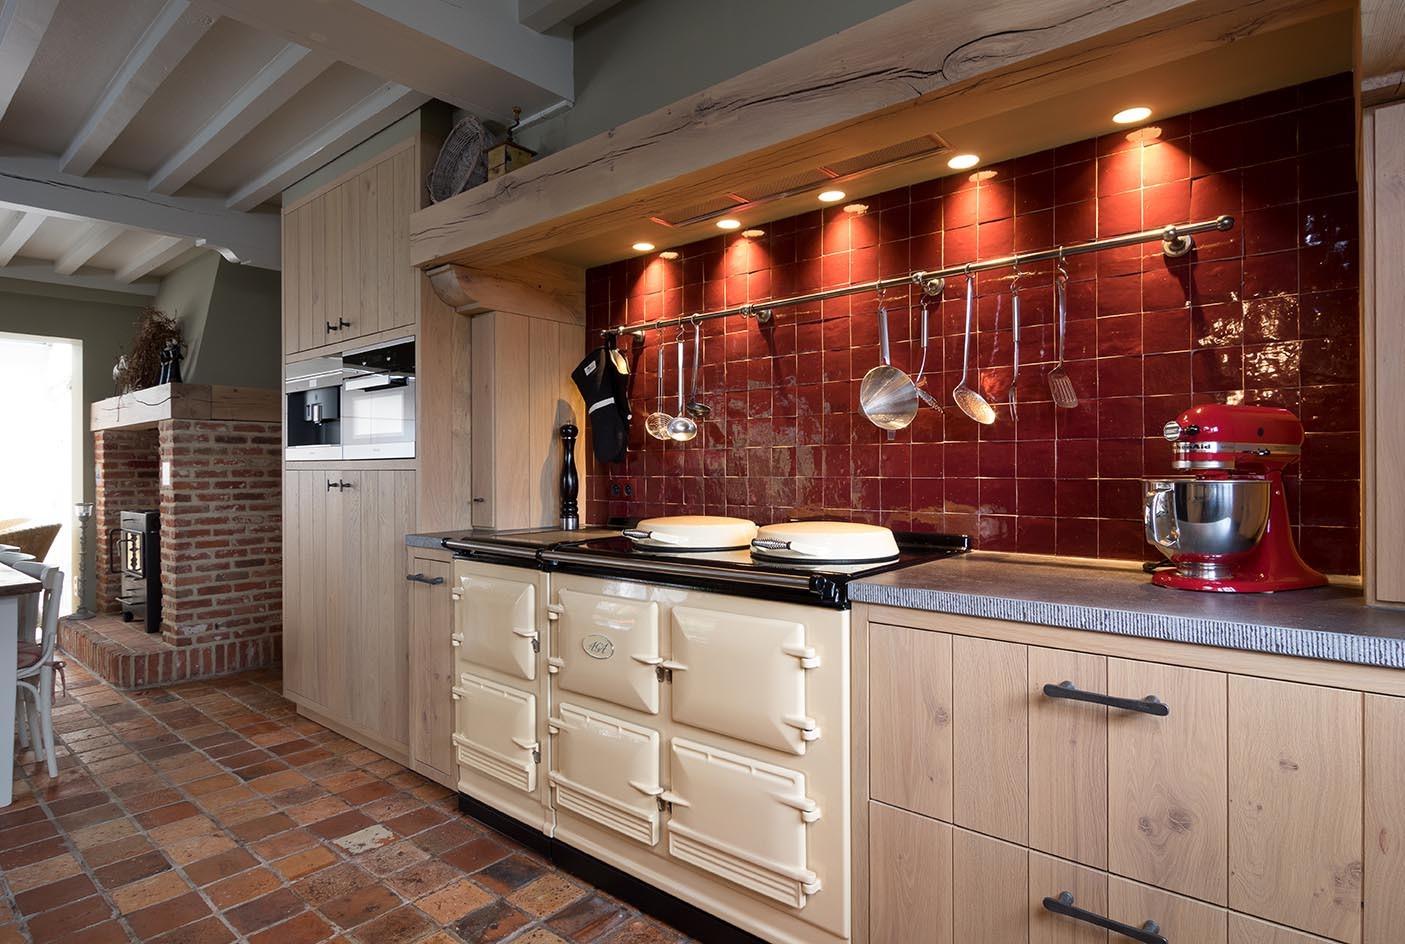 Warme keuken met vintage elementen